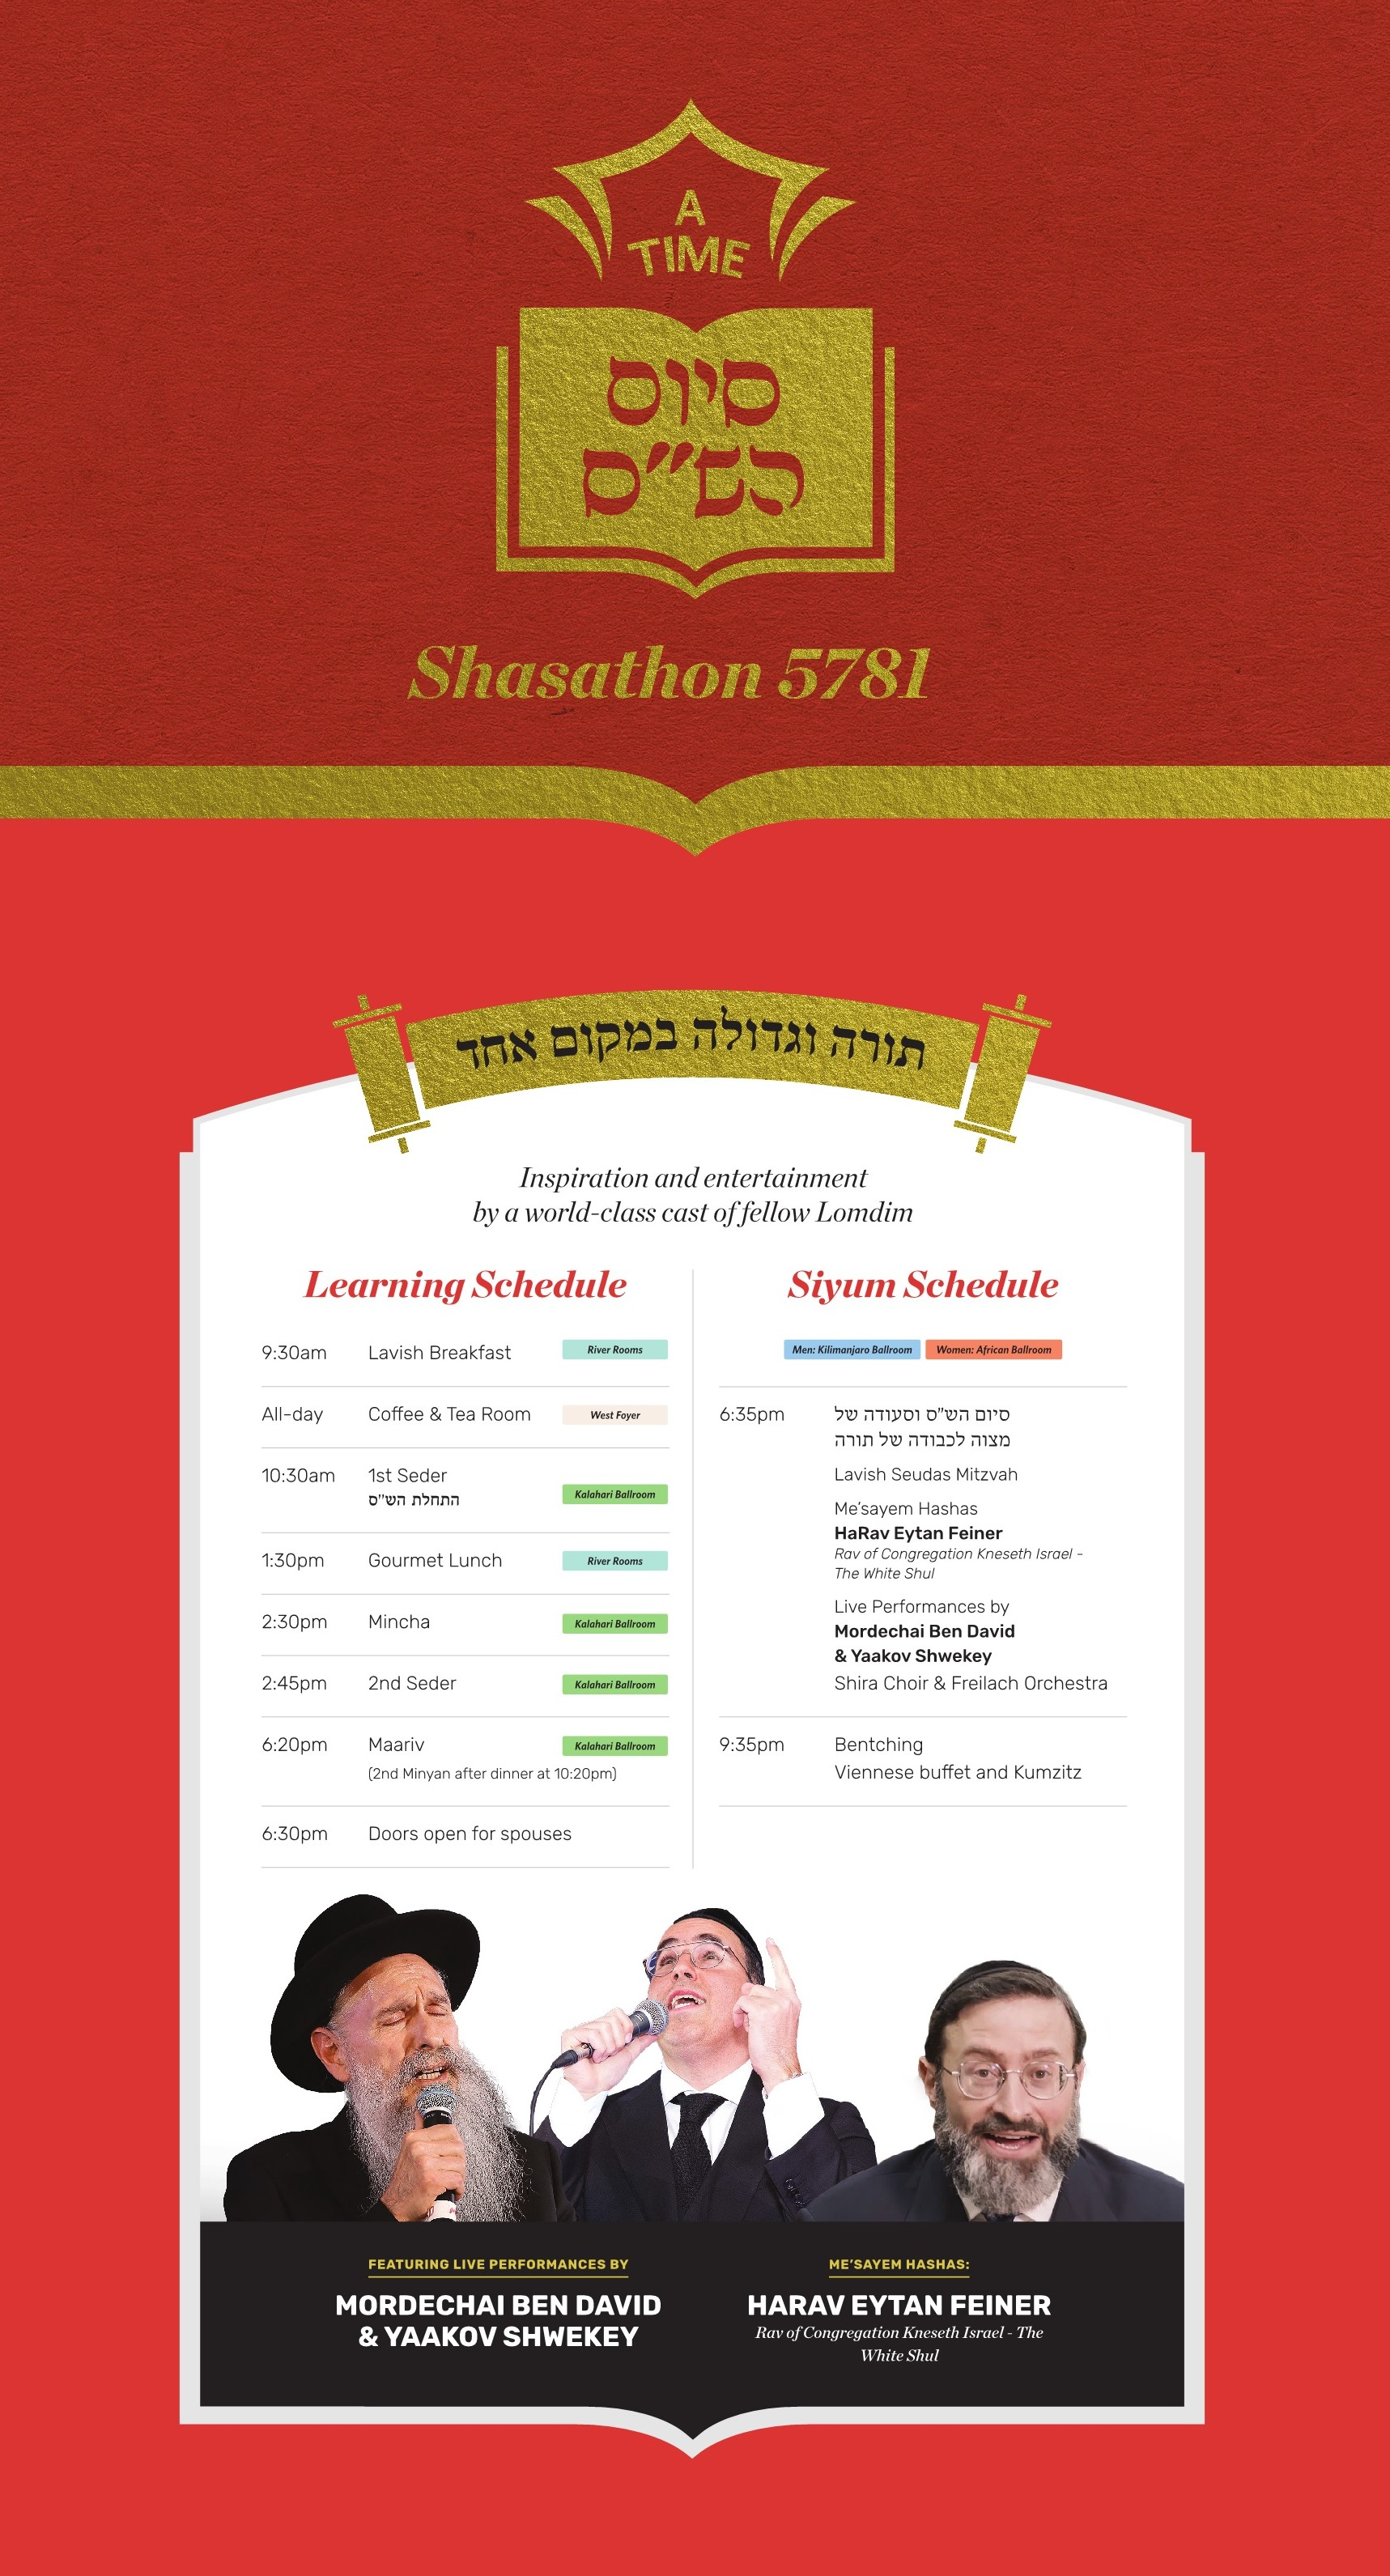 Shasathon5781Schedule